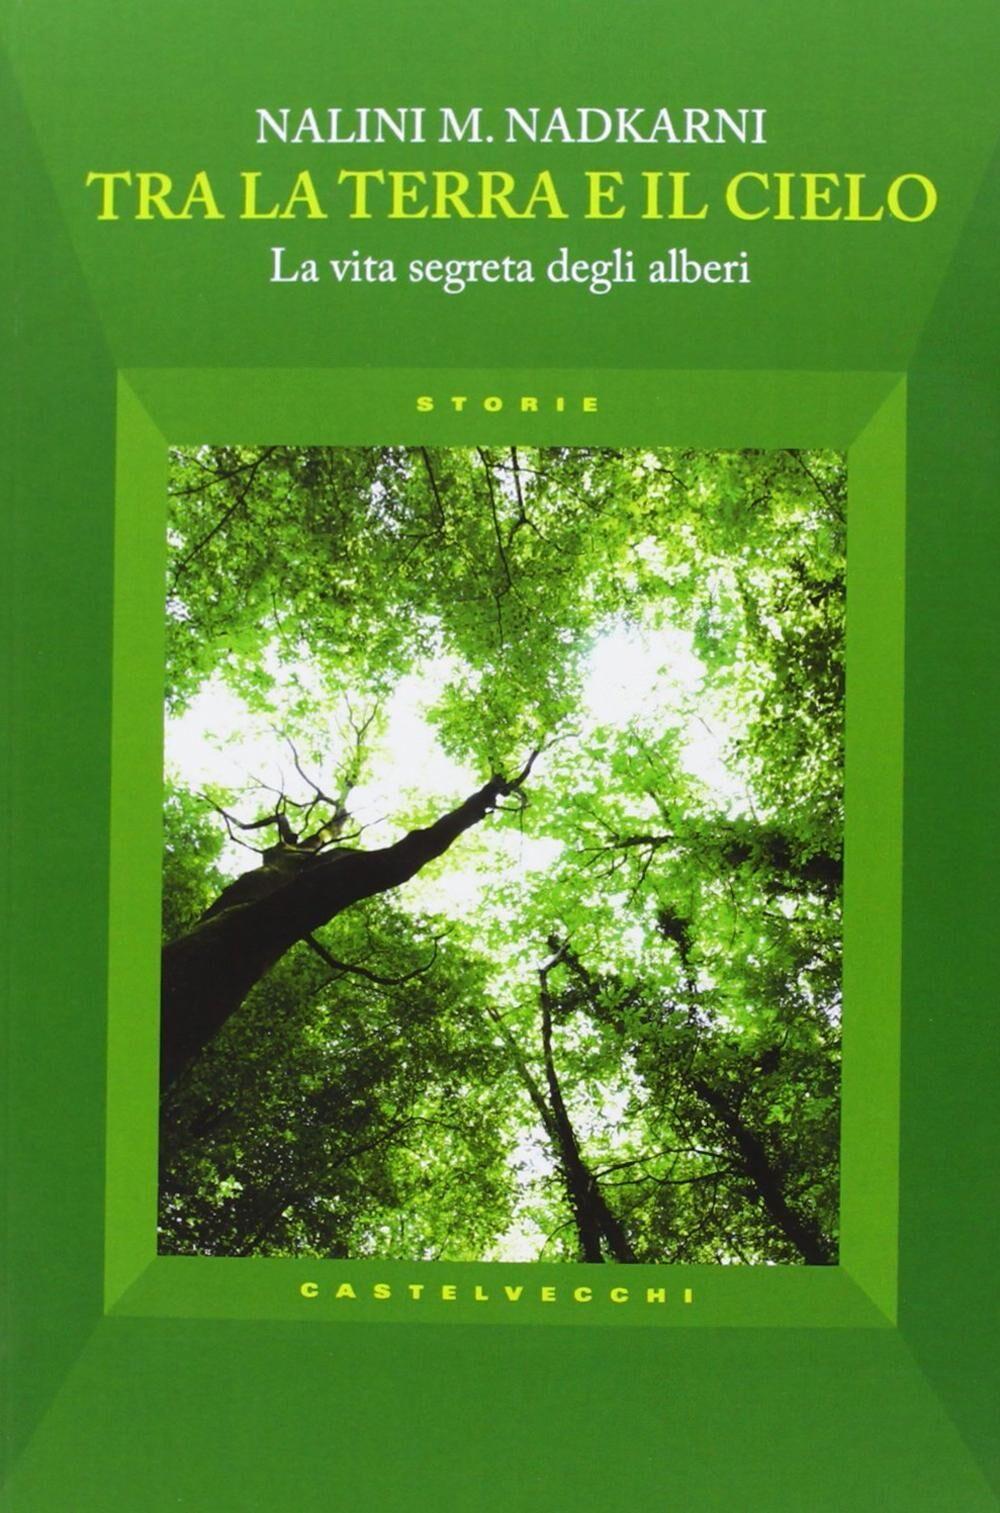 Tra la terra e il cielo. La vita segreta degli alberi